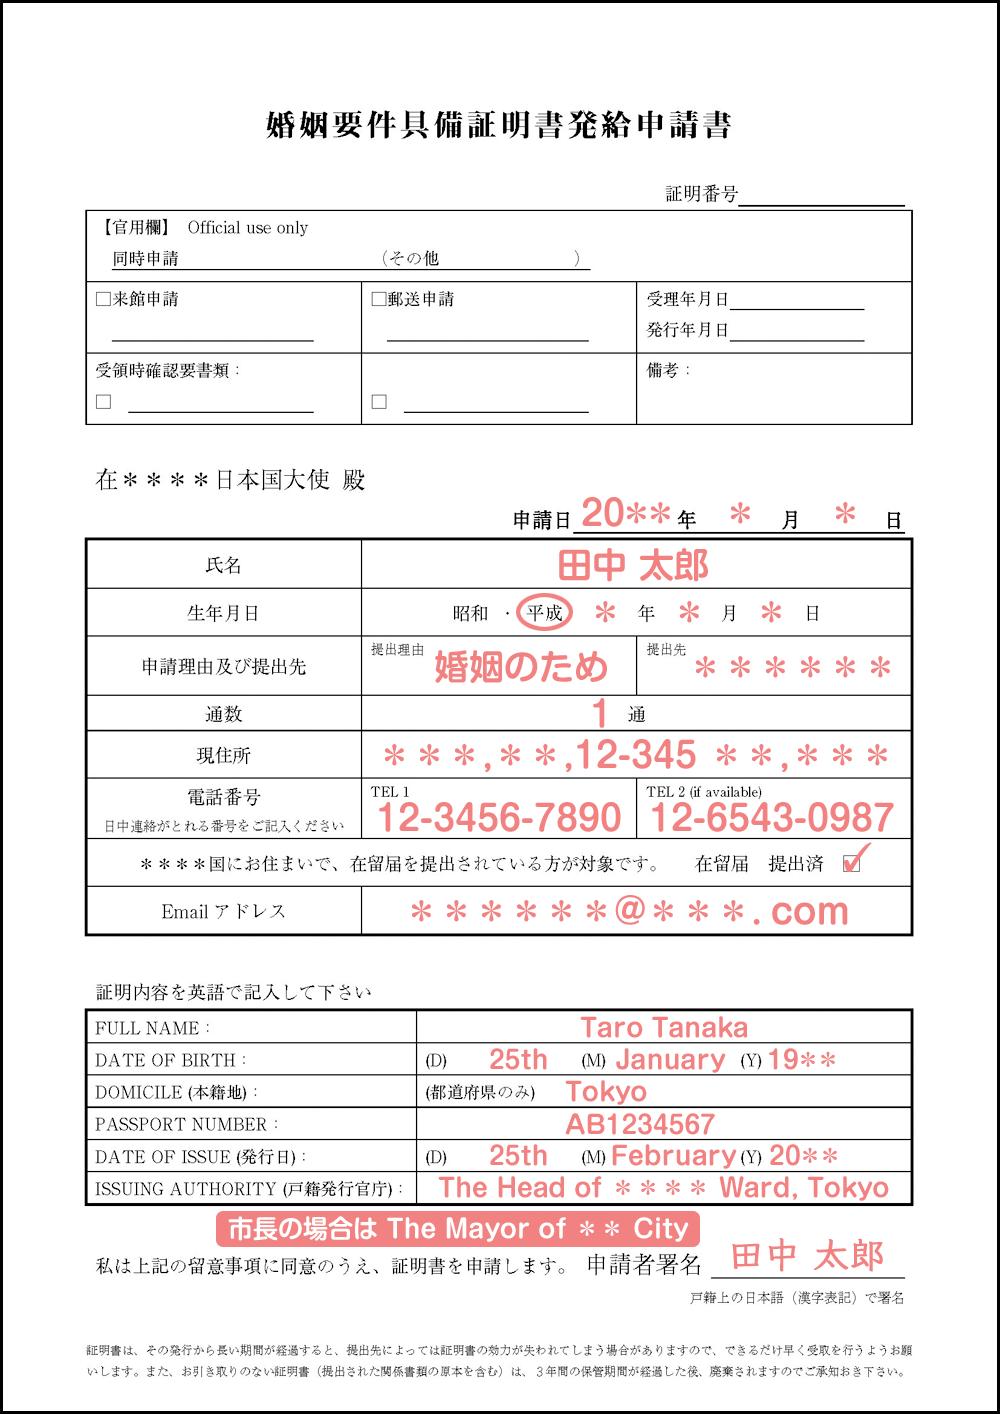 婚姻要件具備証明書発給申請書